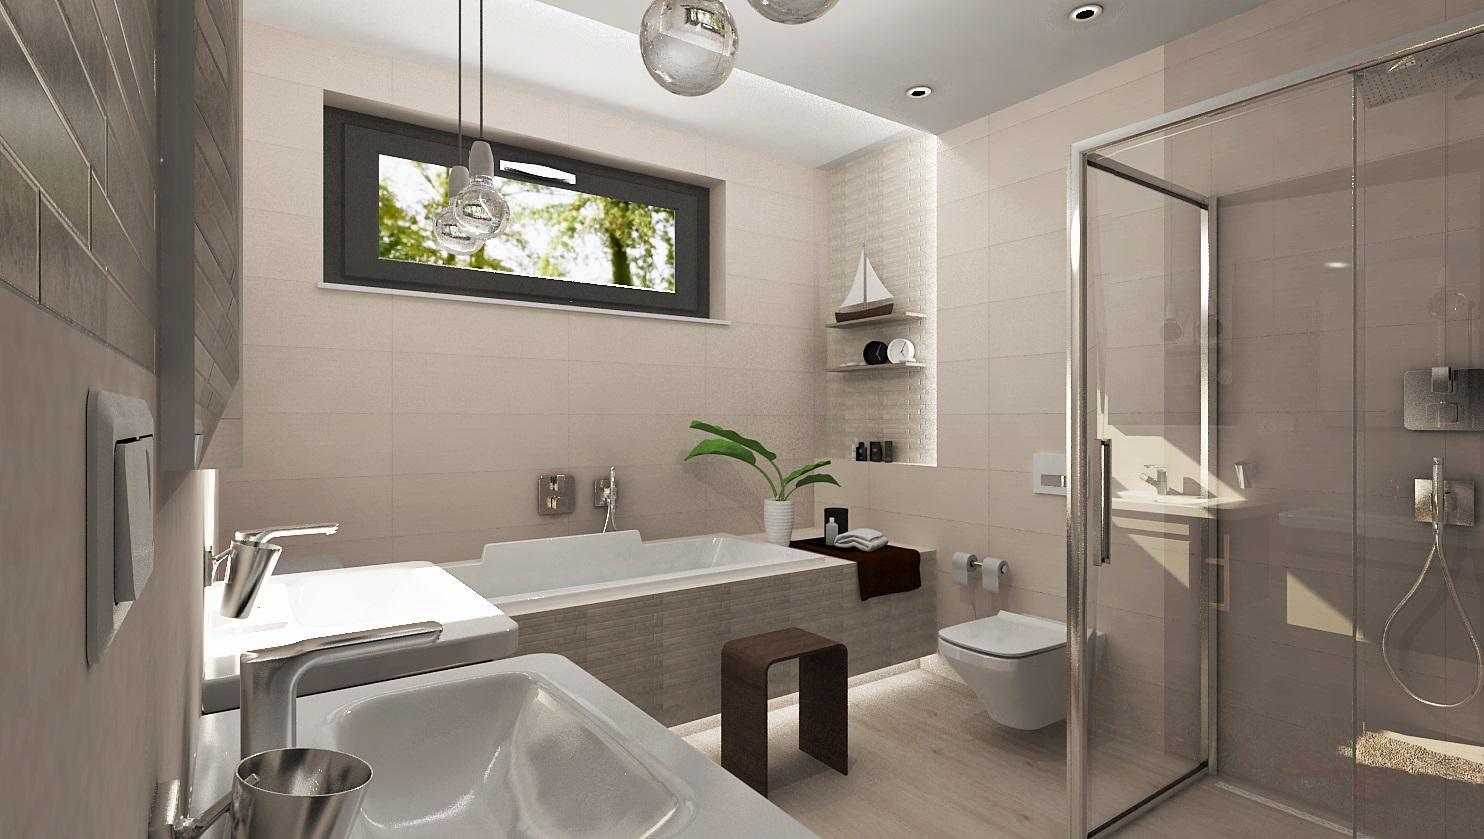 Vizualizácie kúpeľne - Vizualizácia kúpeľne LC.IVORY / TAN 25x75